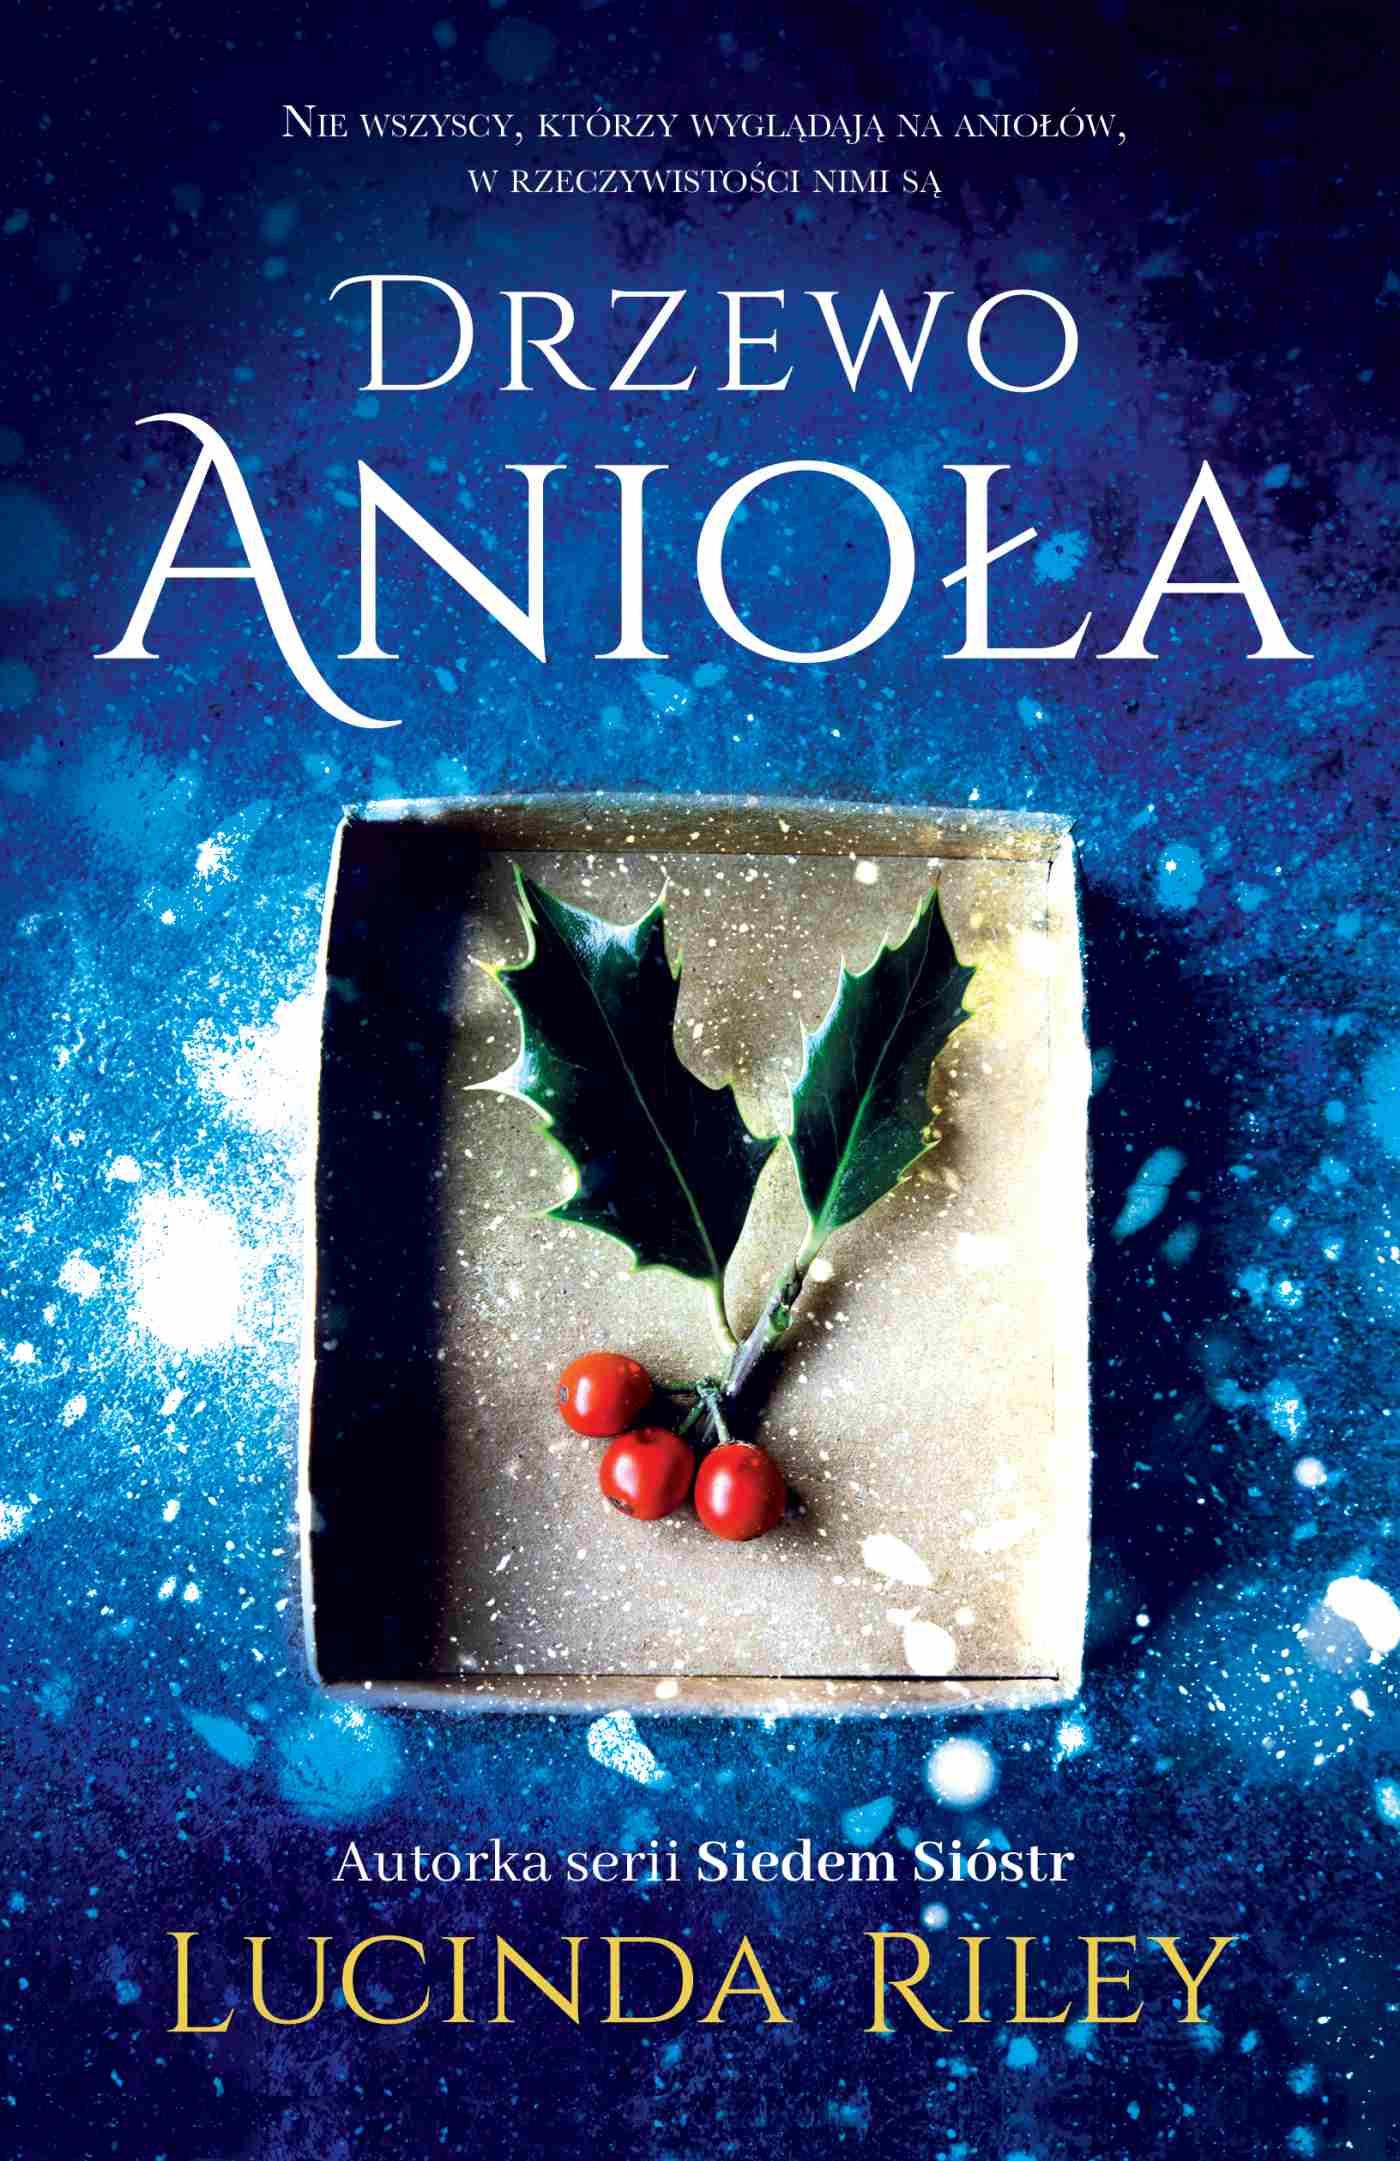 Drzewo Anioła - Ebook (Książka na Kindle) do pobrania w formacie MOBI